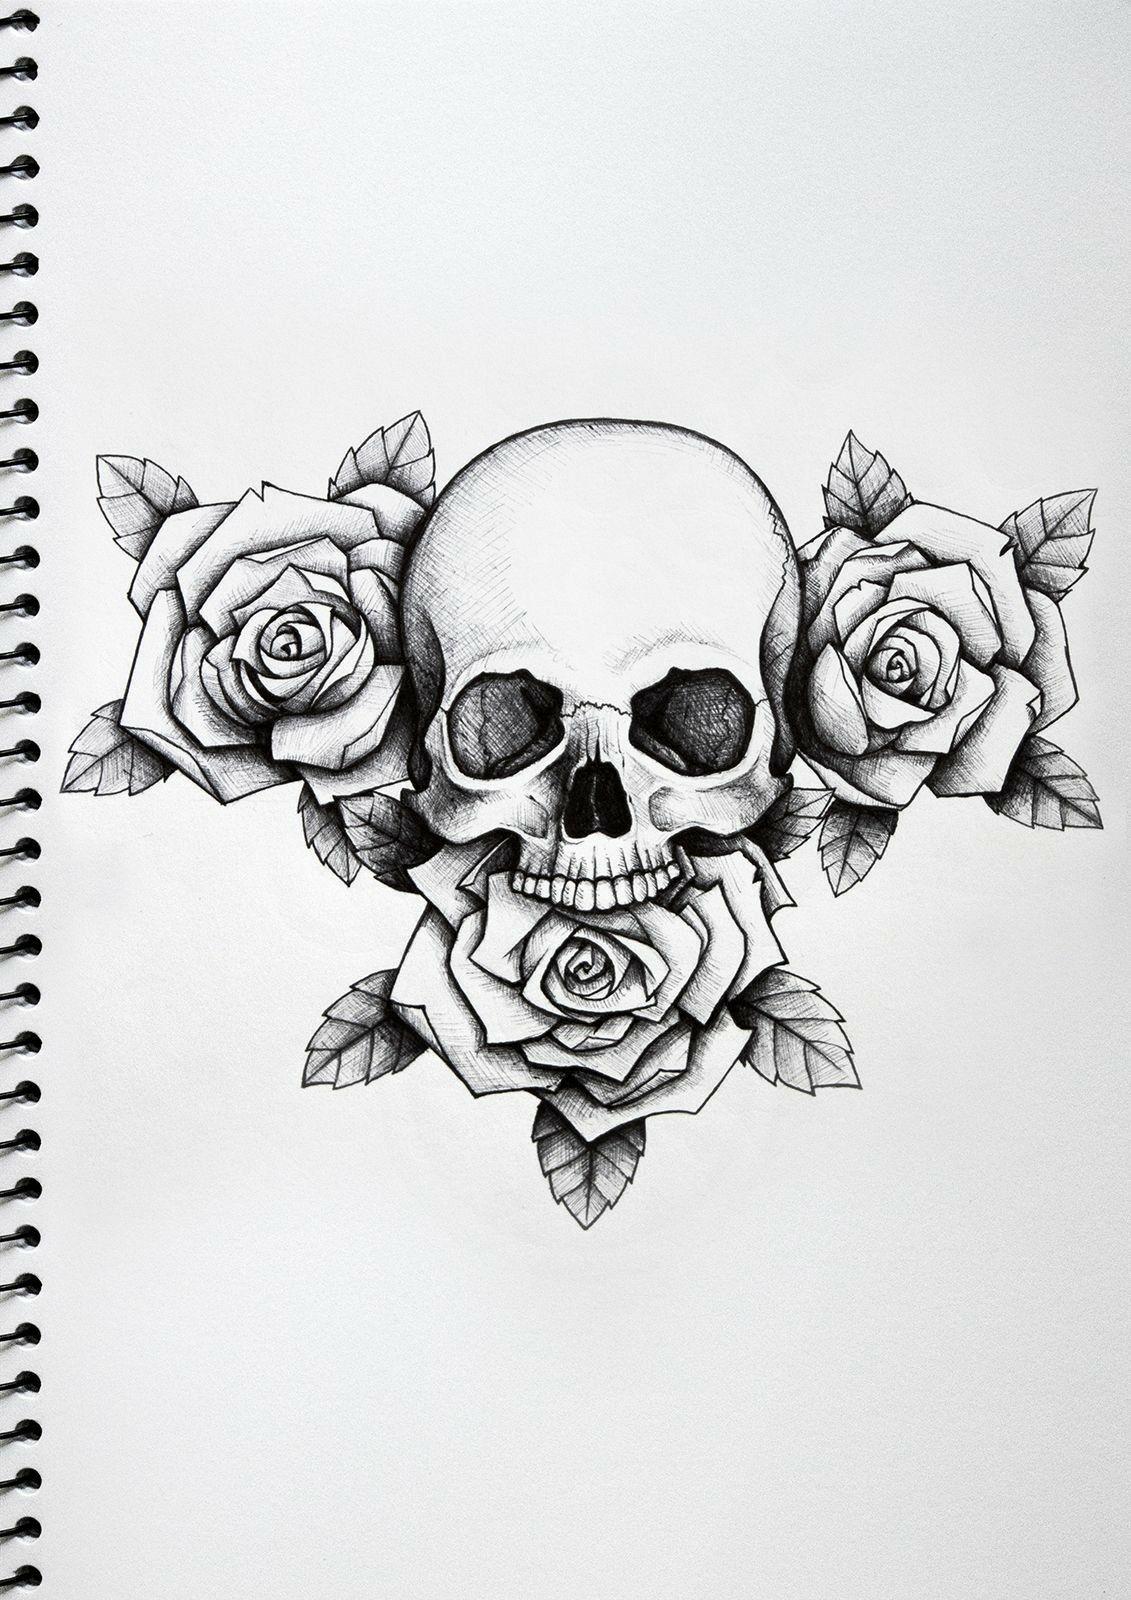 Drawings   Design   Pinterest   Tatuajes, Ideas de tatuajes y Calaveras